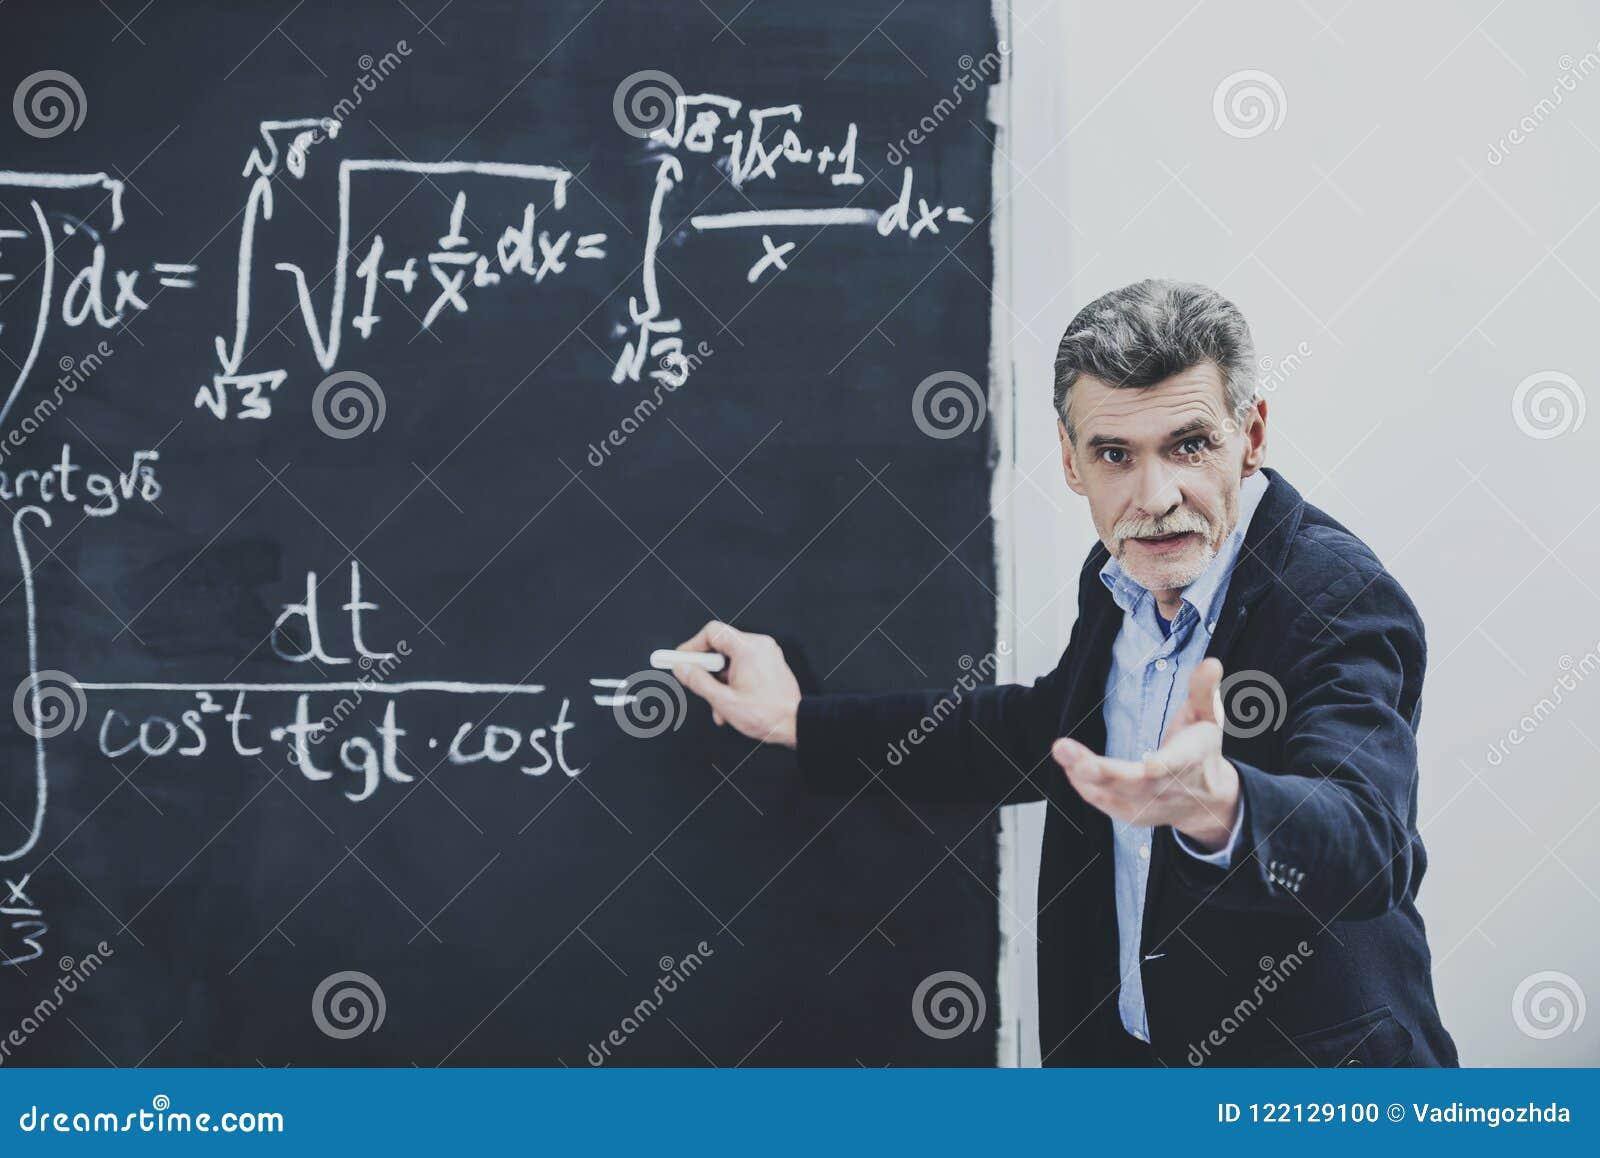 Profesor en cuestión Asking About